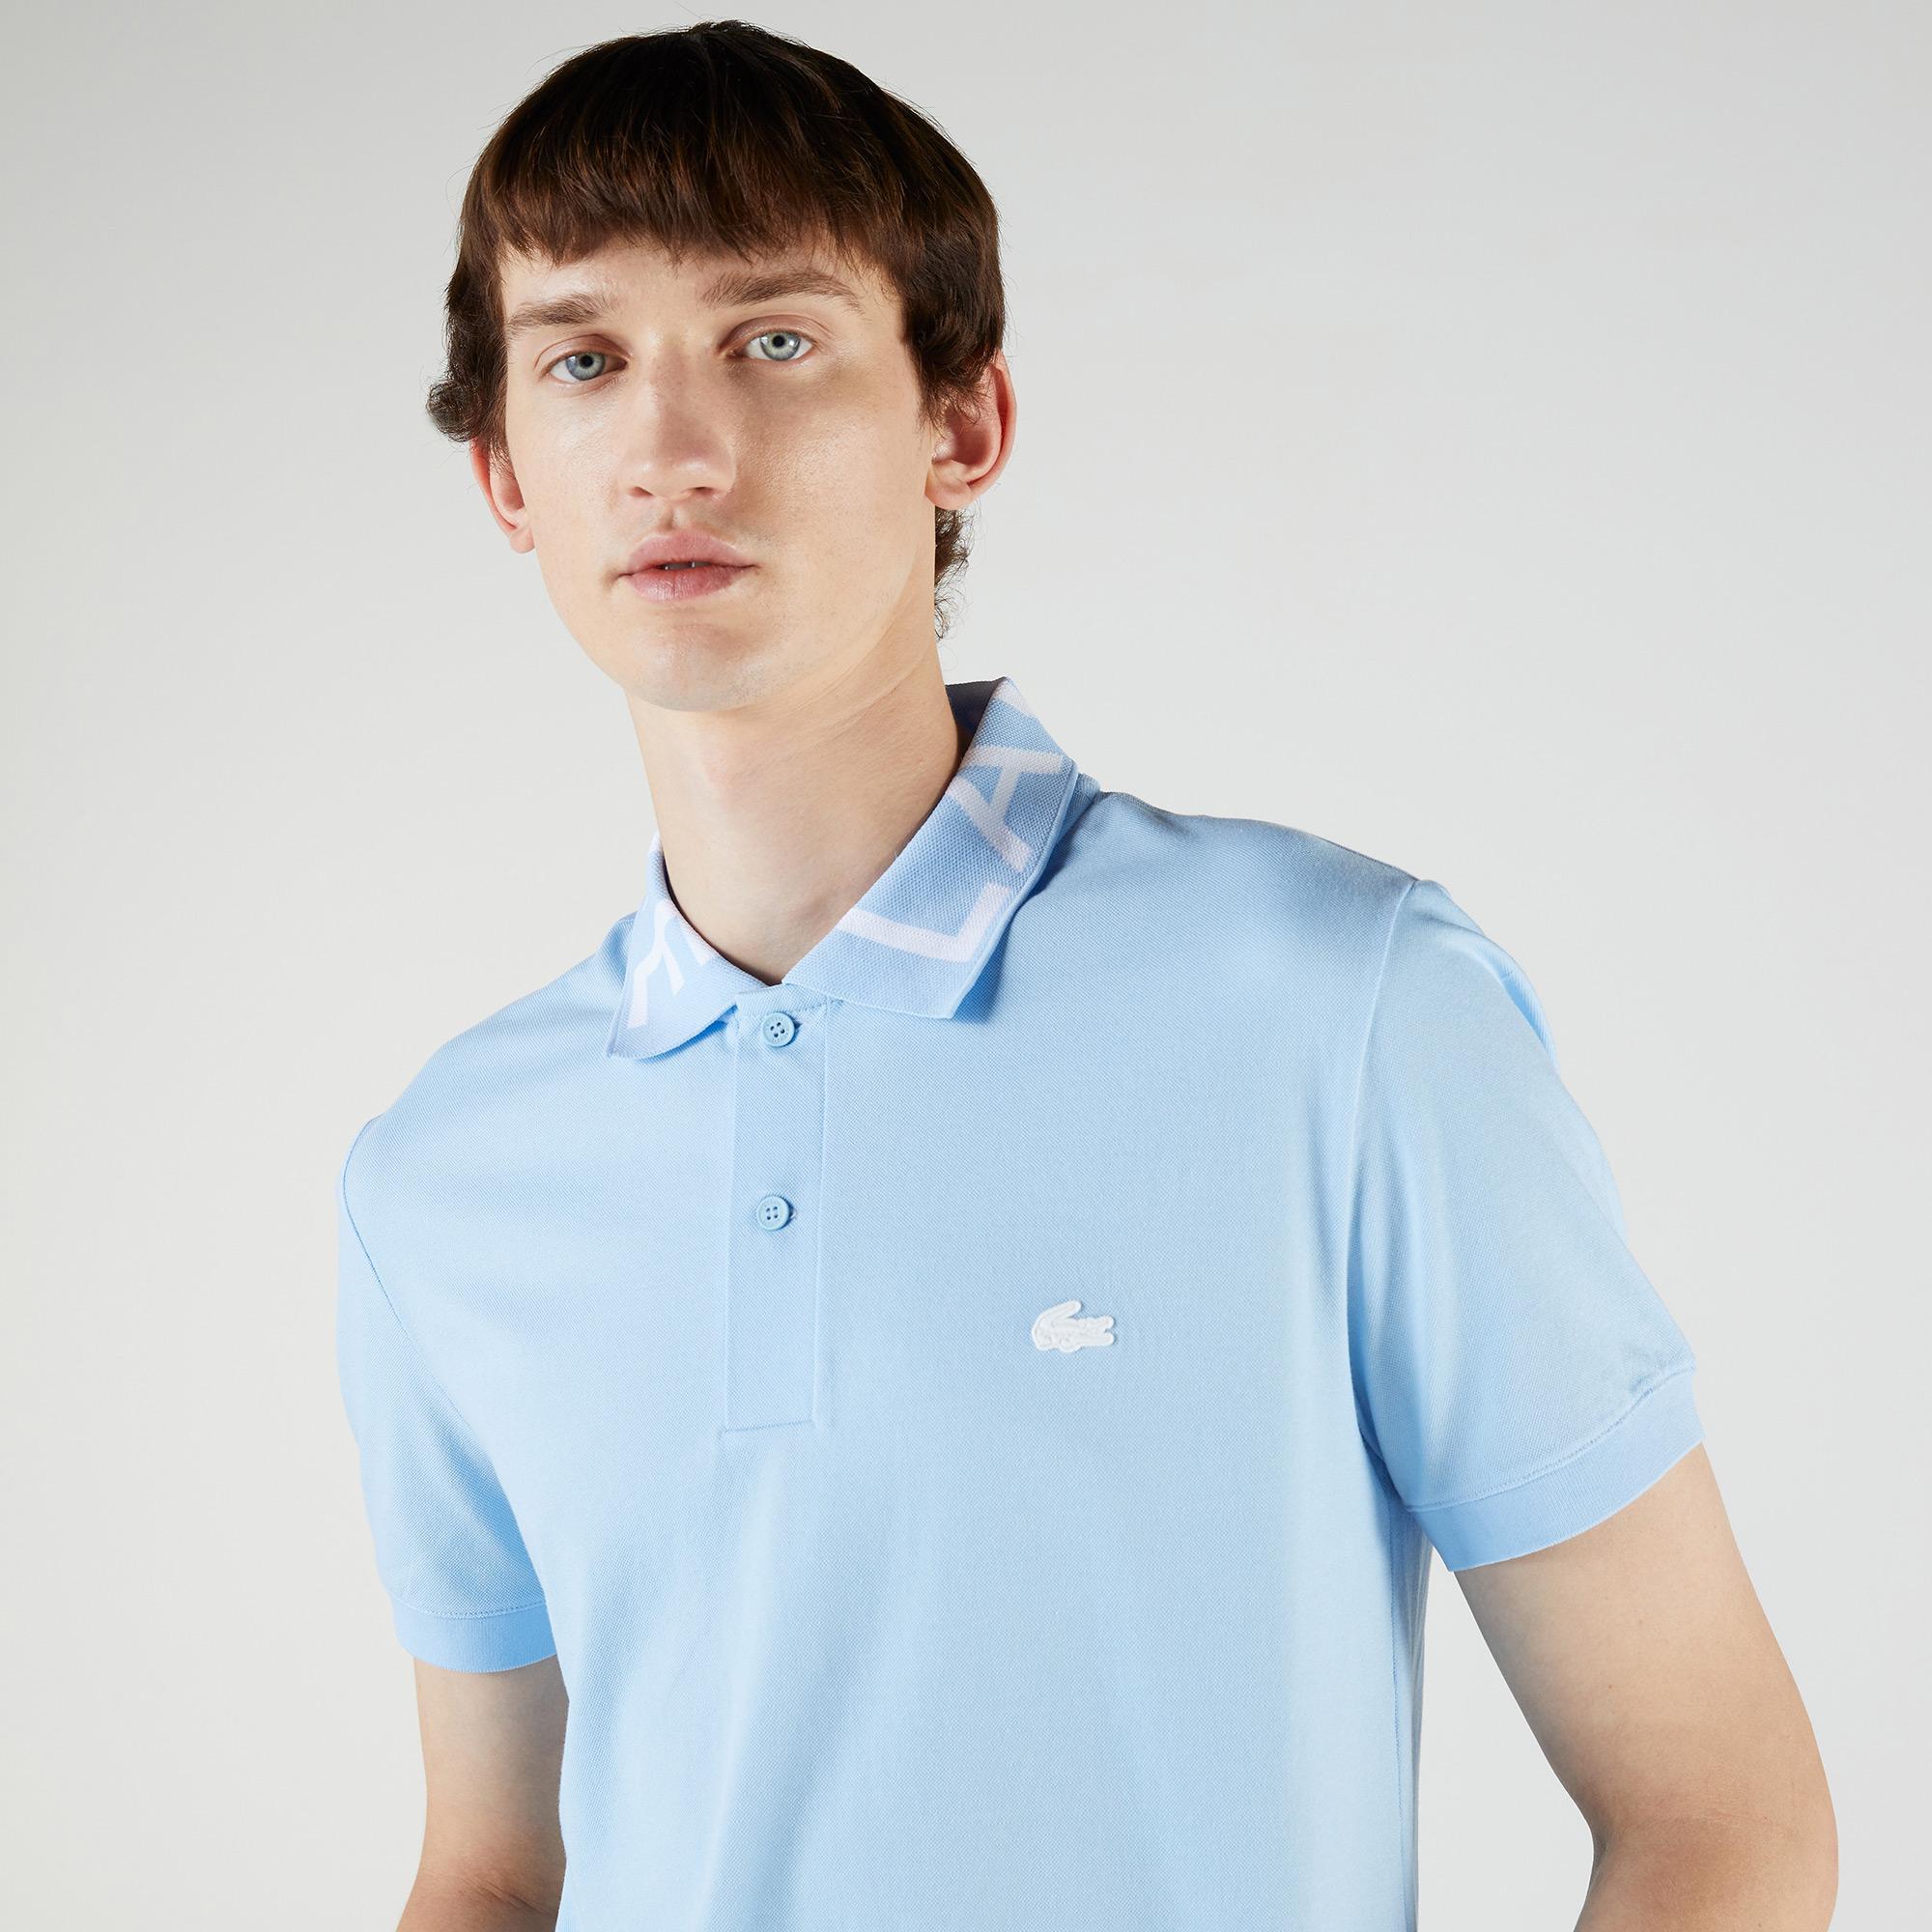 Lacoste Męska koszulka polo Slim Fit z piki, lekka, oddychająca, z napisami na dekolcie